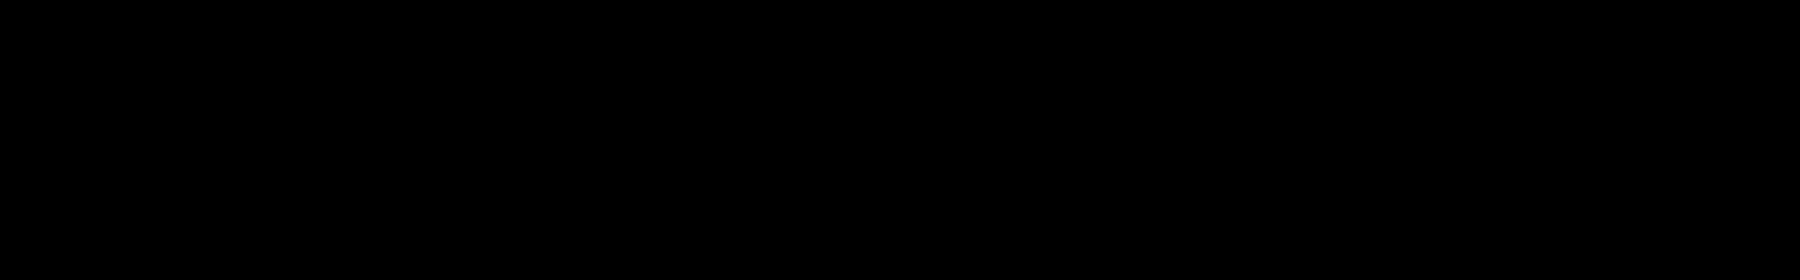 Tunecraft Kool Keys Loops audio waveform